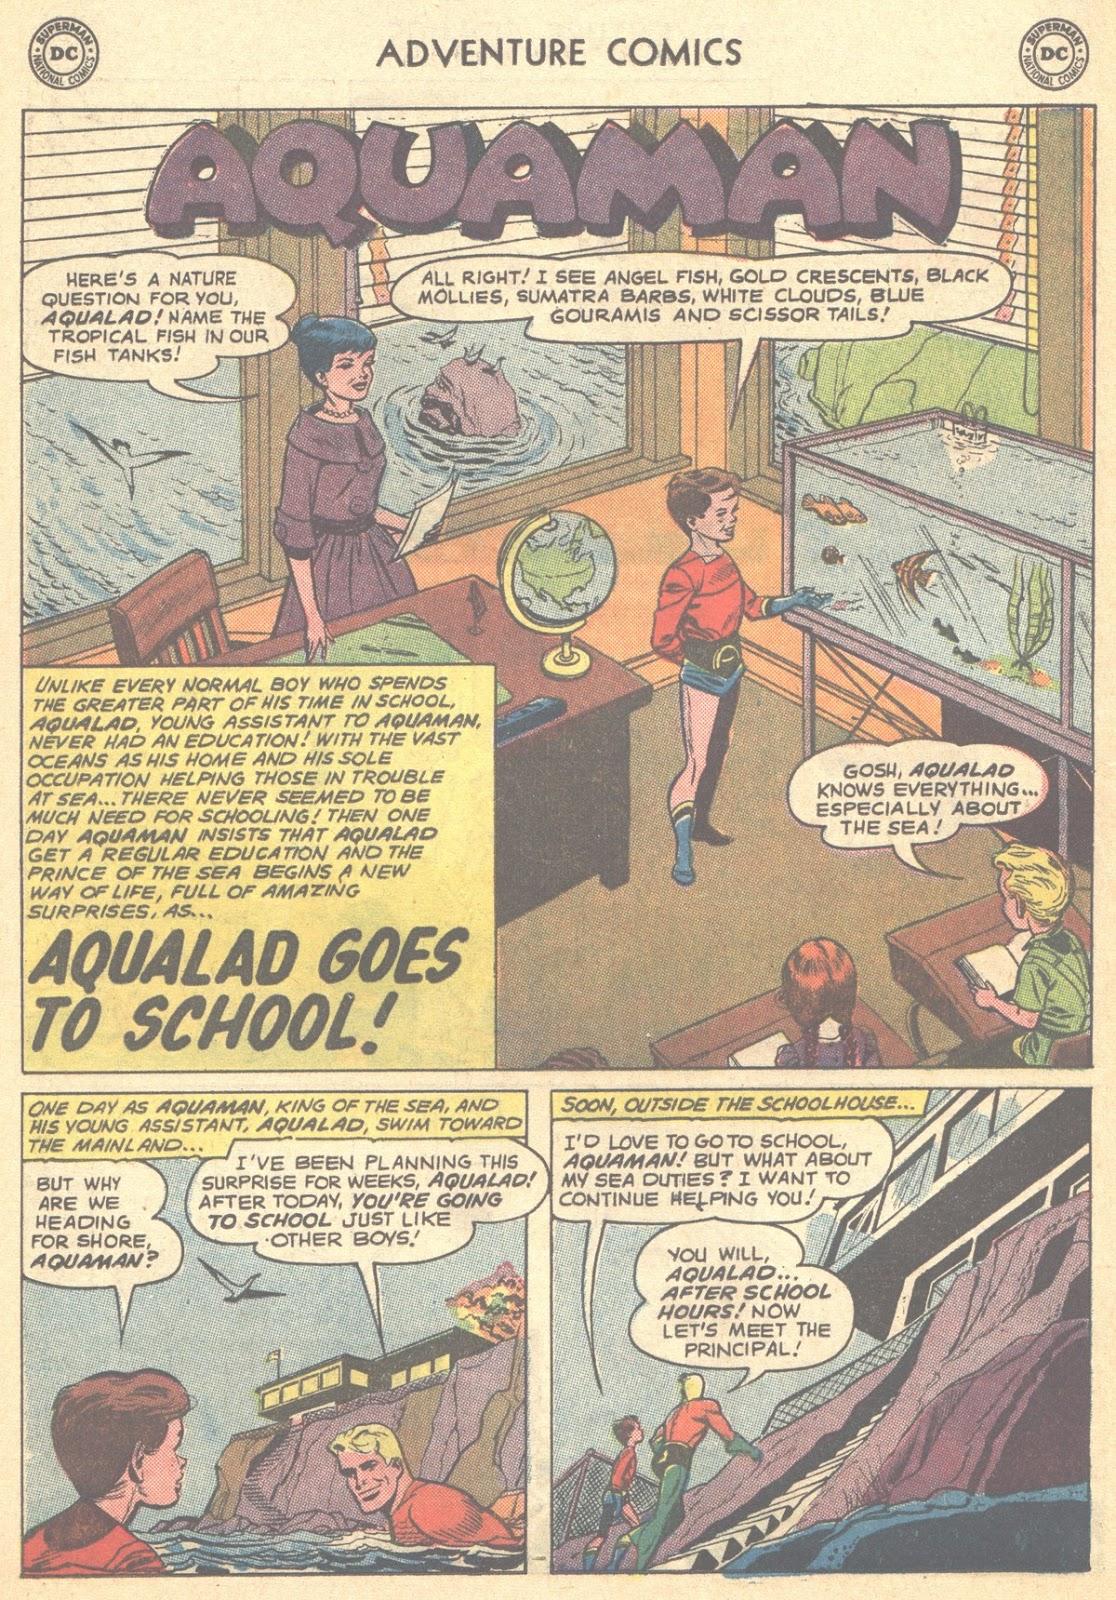 MEMÓRIA EM QUADRINHOS : O Dia em que Aqualad foi à Escola